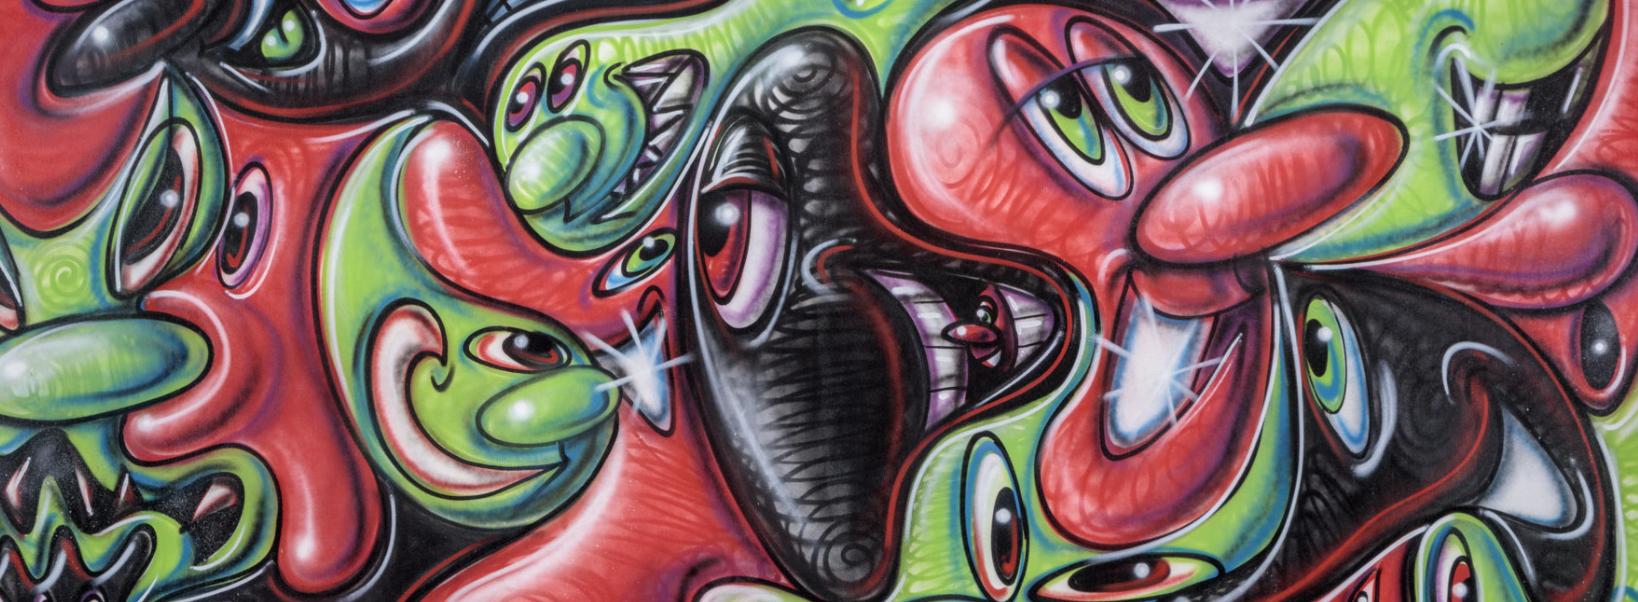 Kenny Scharf NFT art